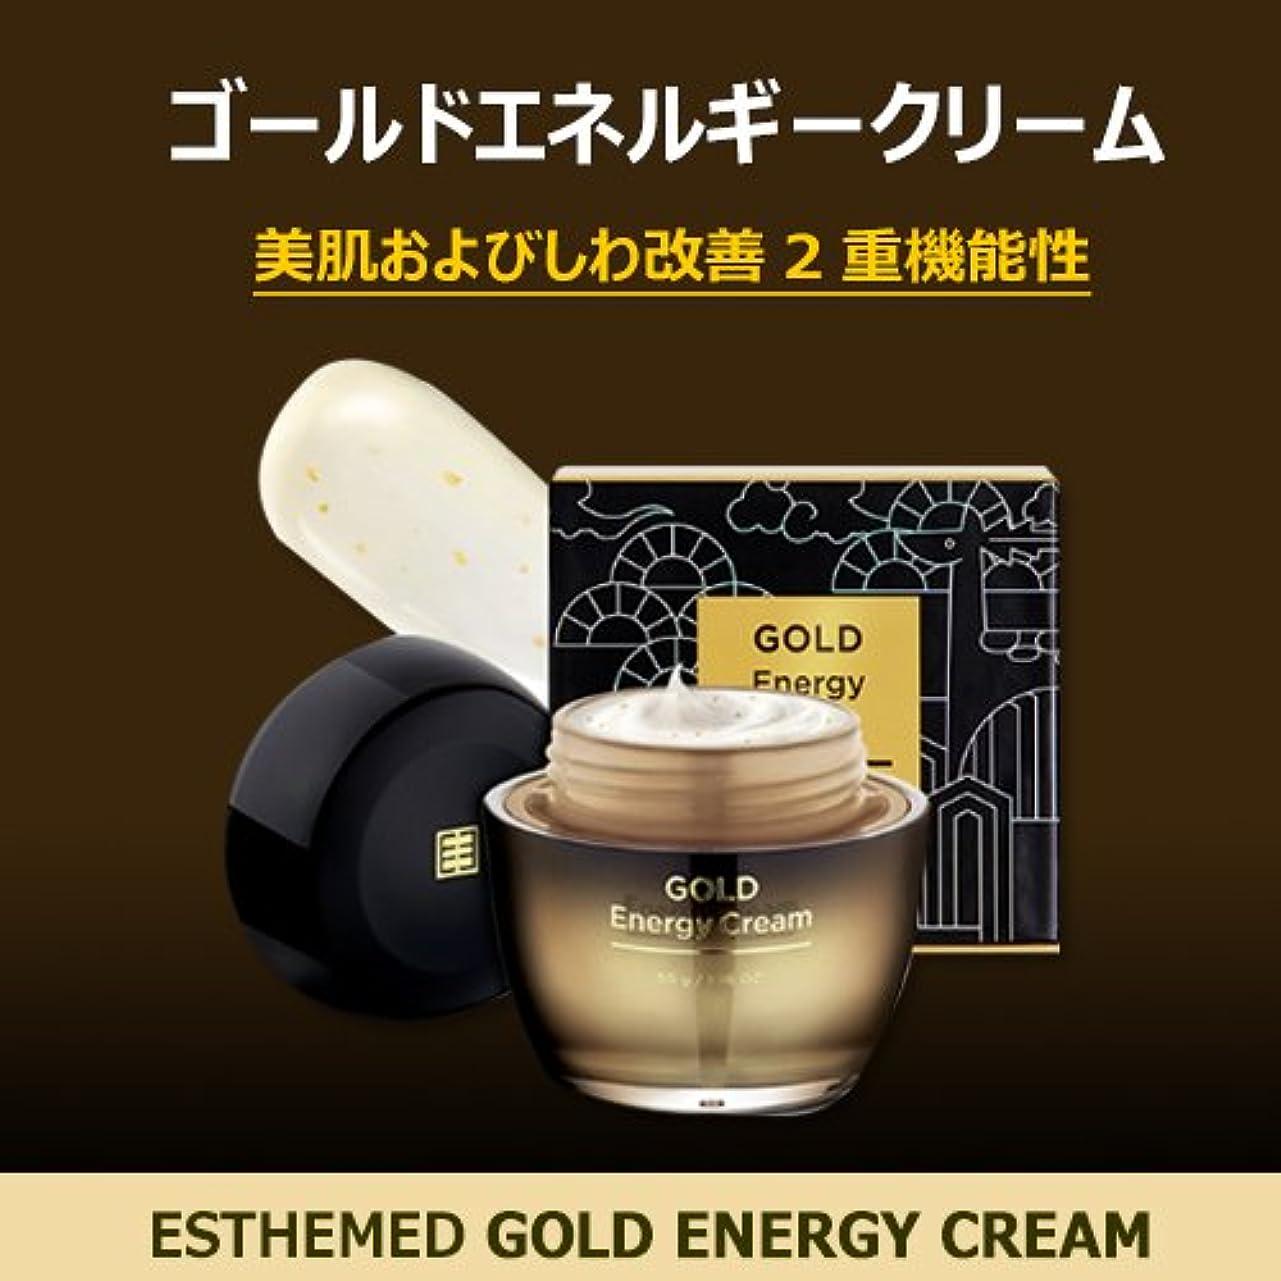 強制的ハイライト家具ESTHEMED 【NEW!! エステメドゴールドエネルギークリーム】ESTHEMED GOLD Energy Cream 50g